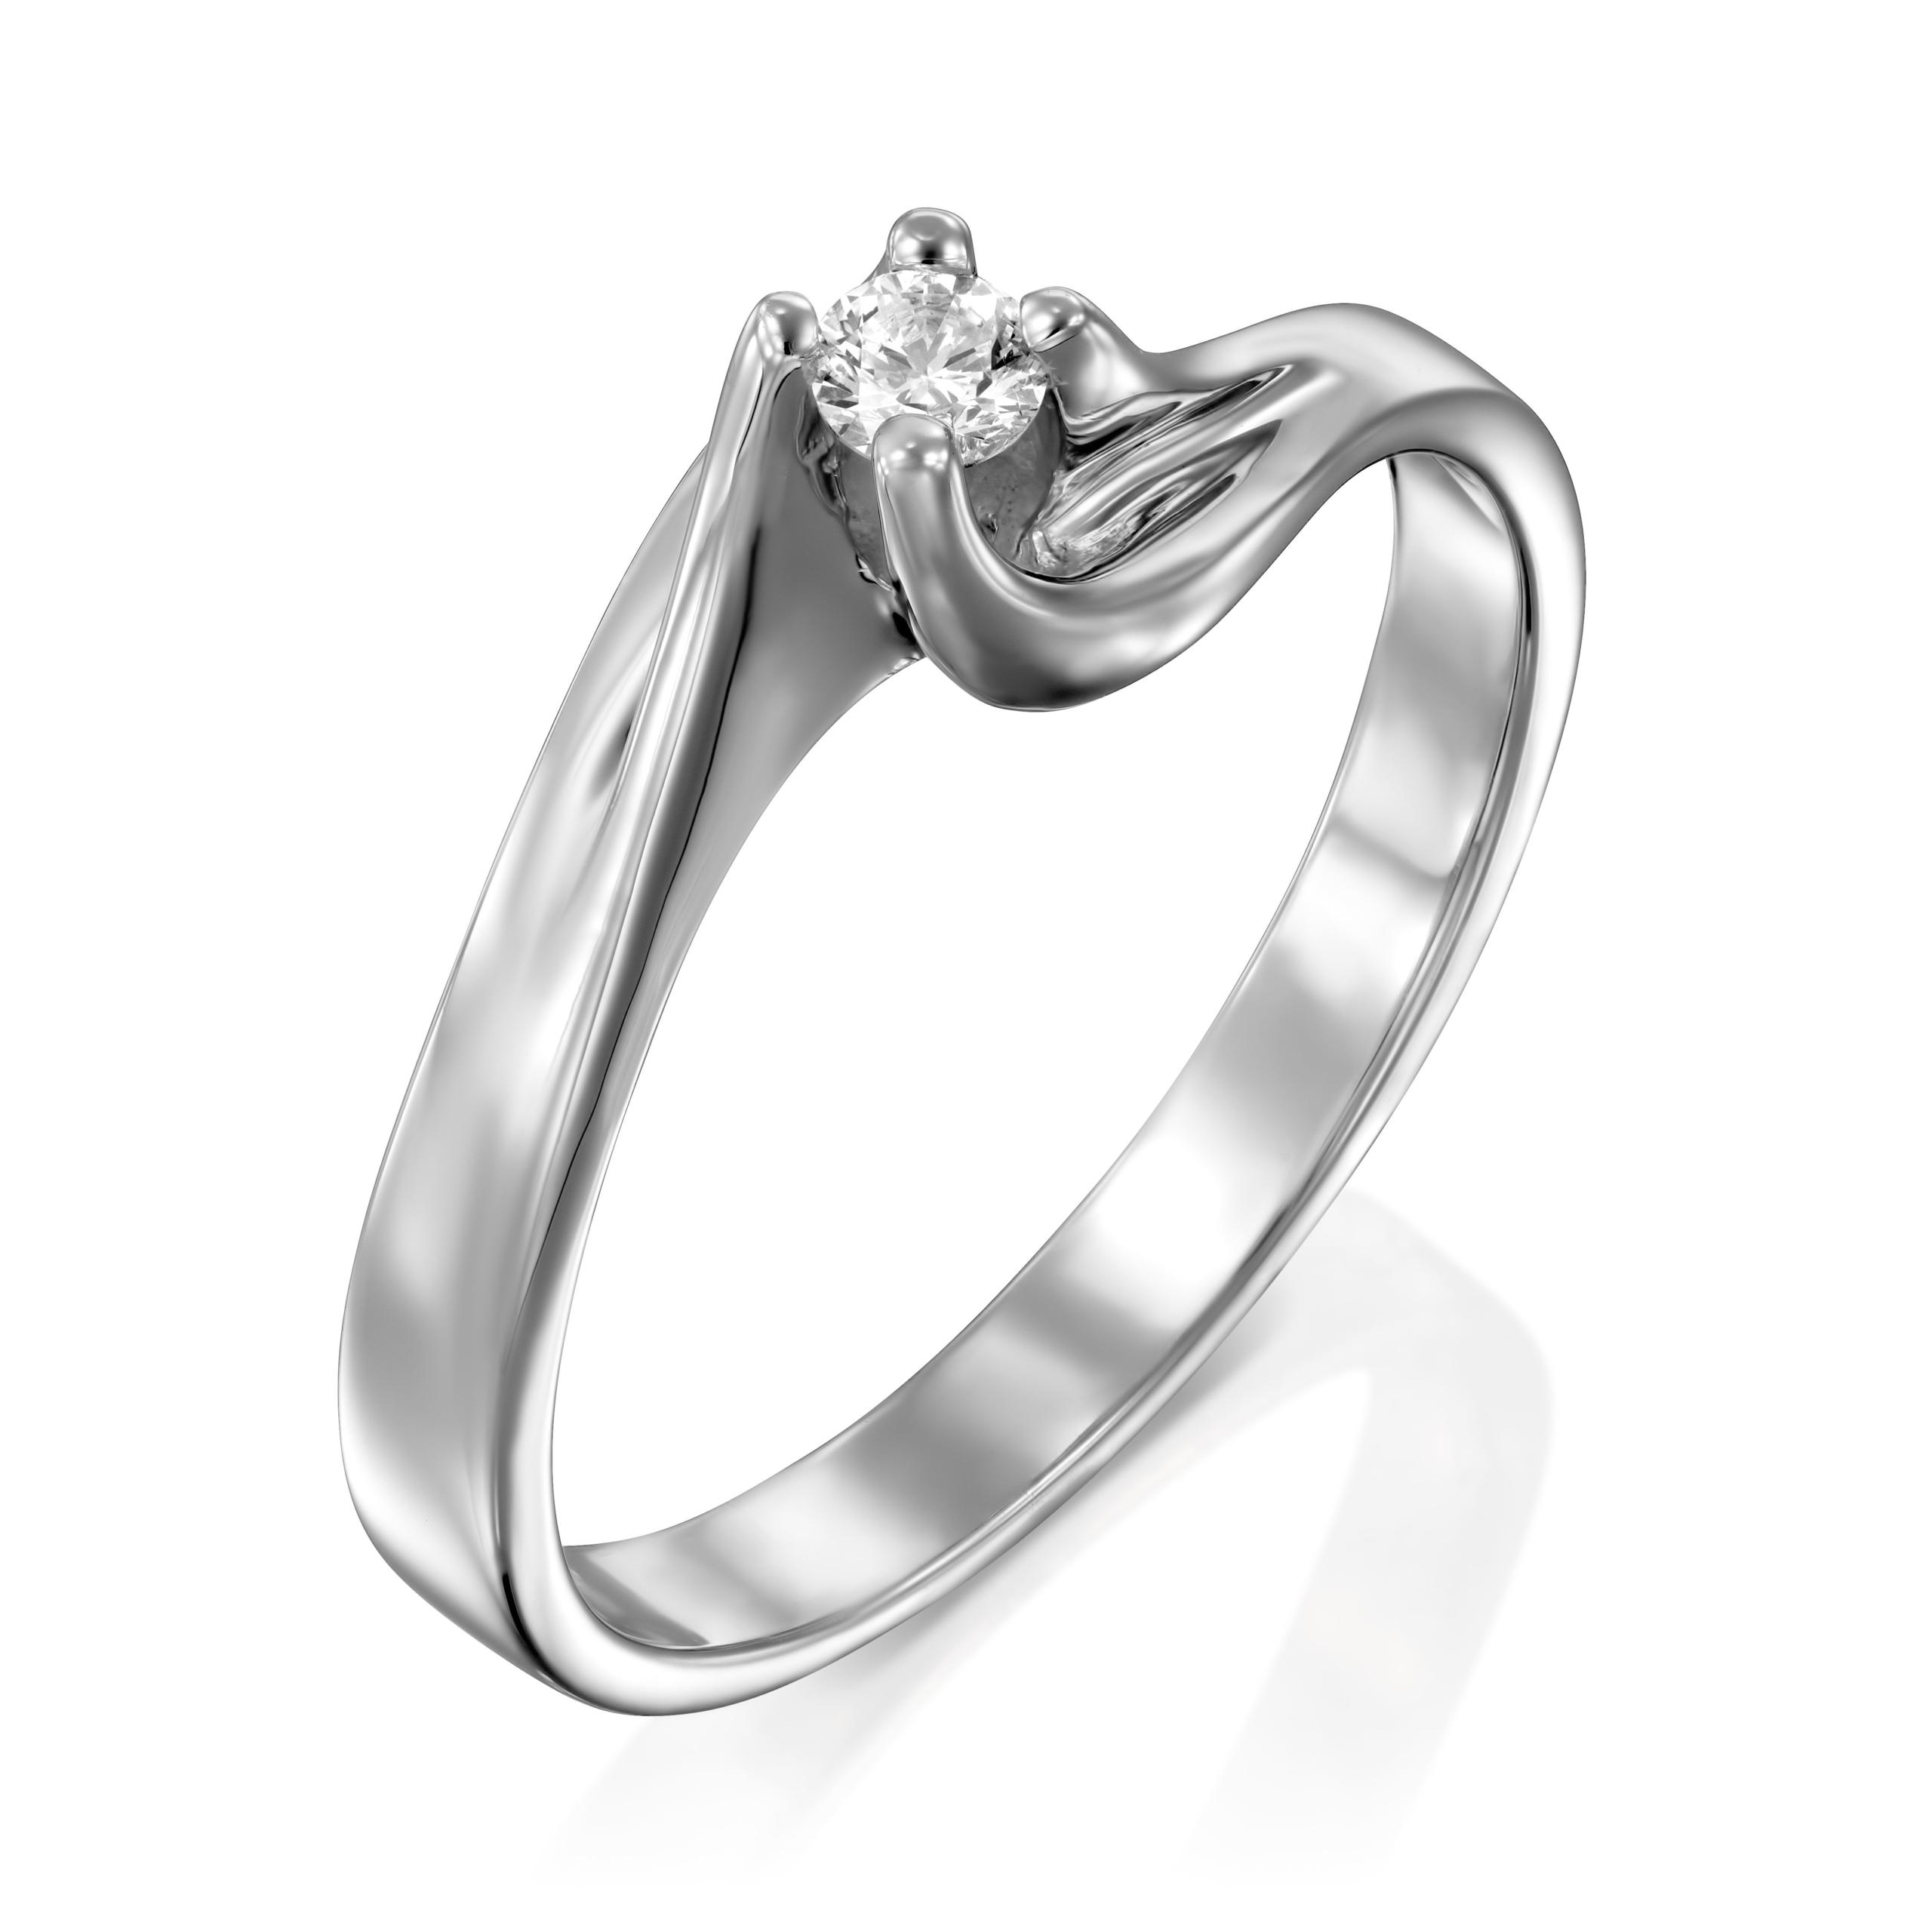 טבעת יהלום דגם Chen ב-25% הנחה!!!